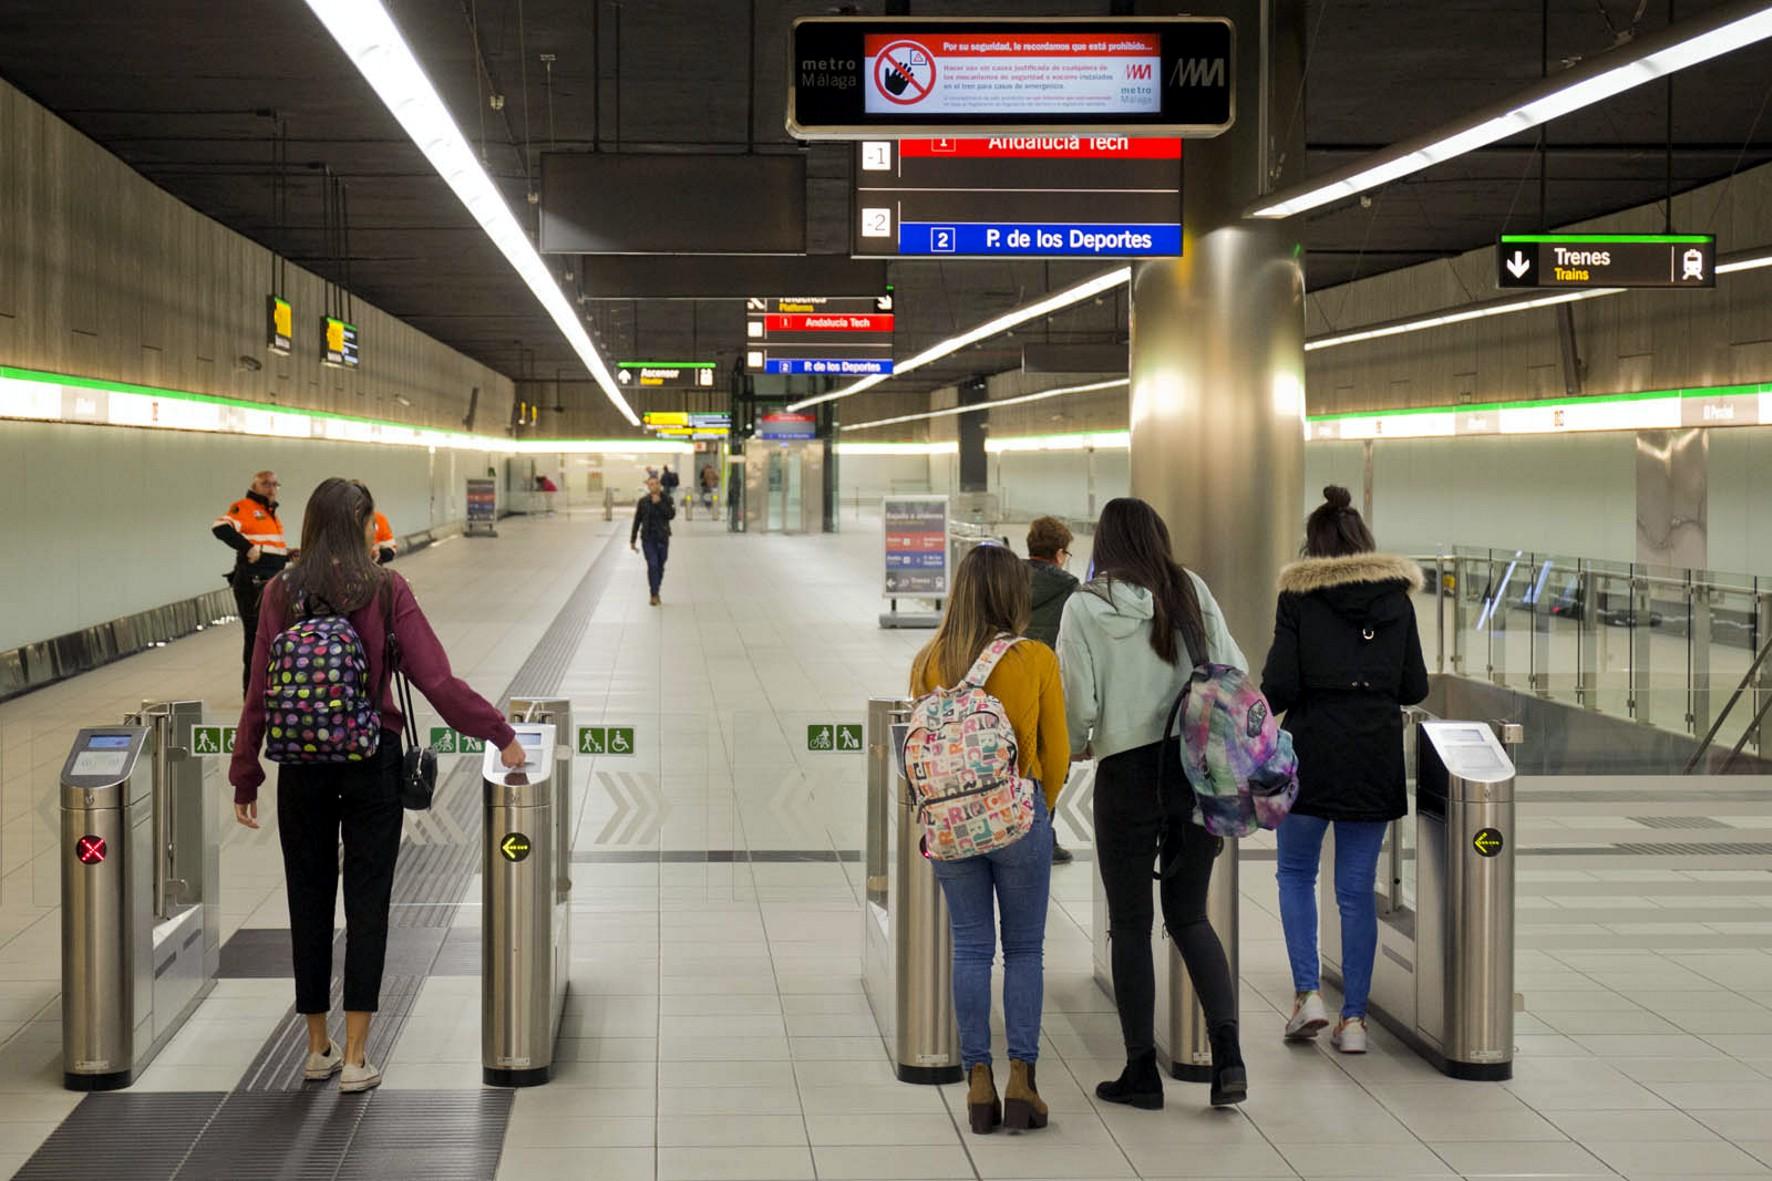 El contrato afecta a las instalaciones del metro de Málaga.